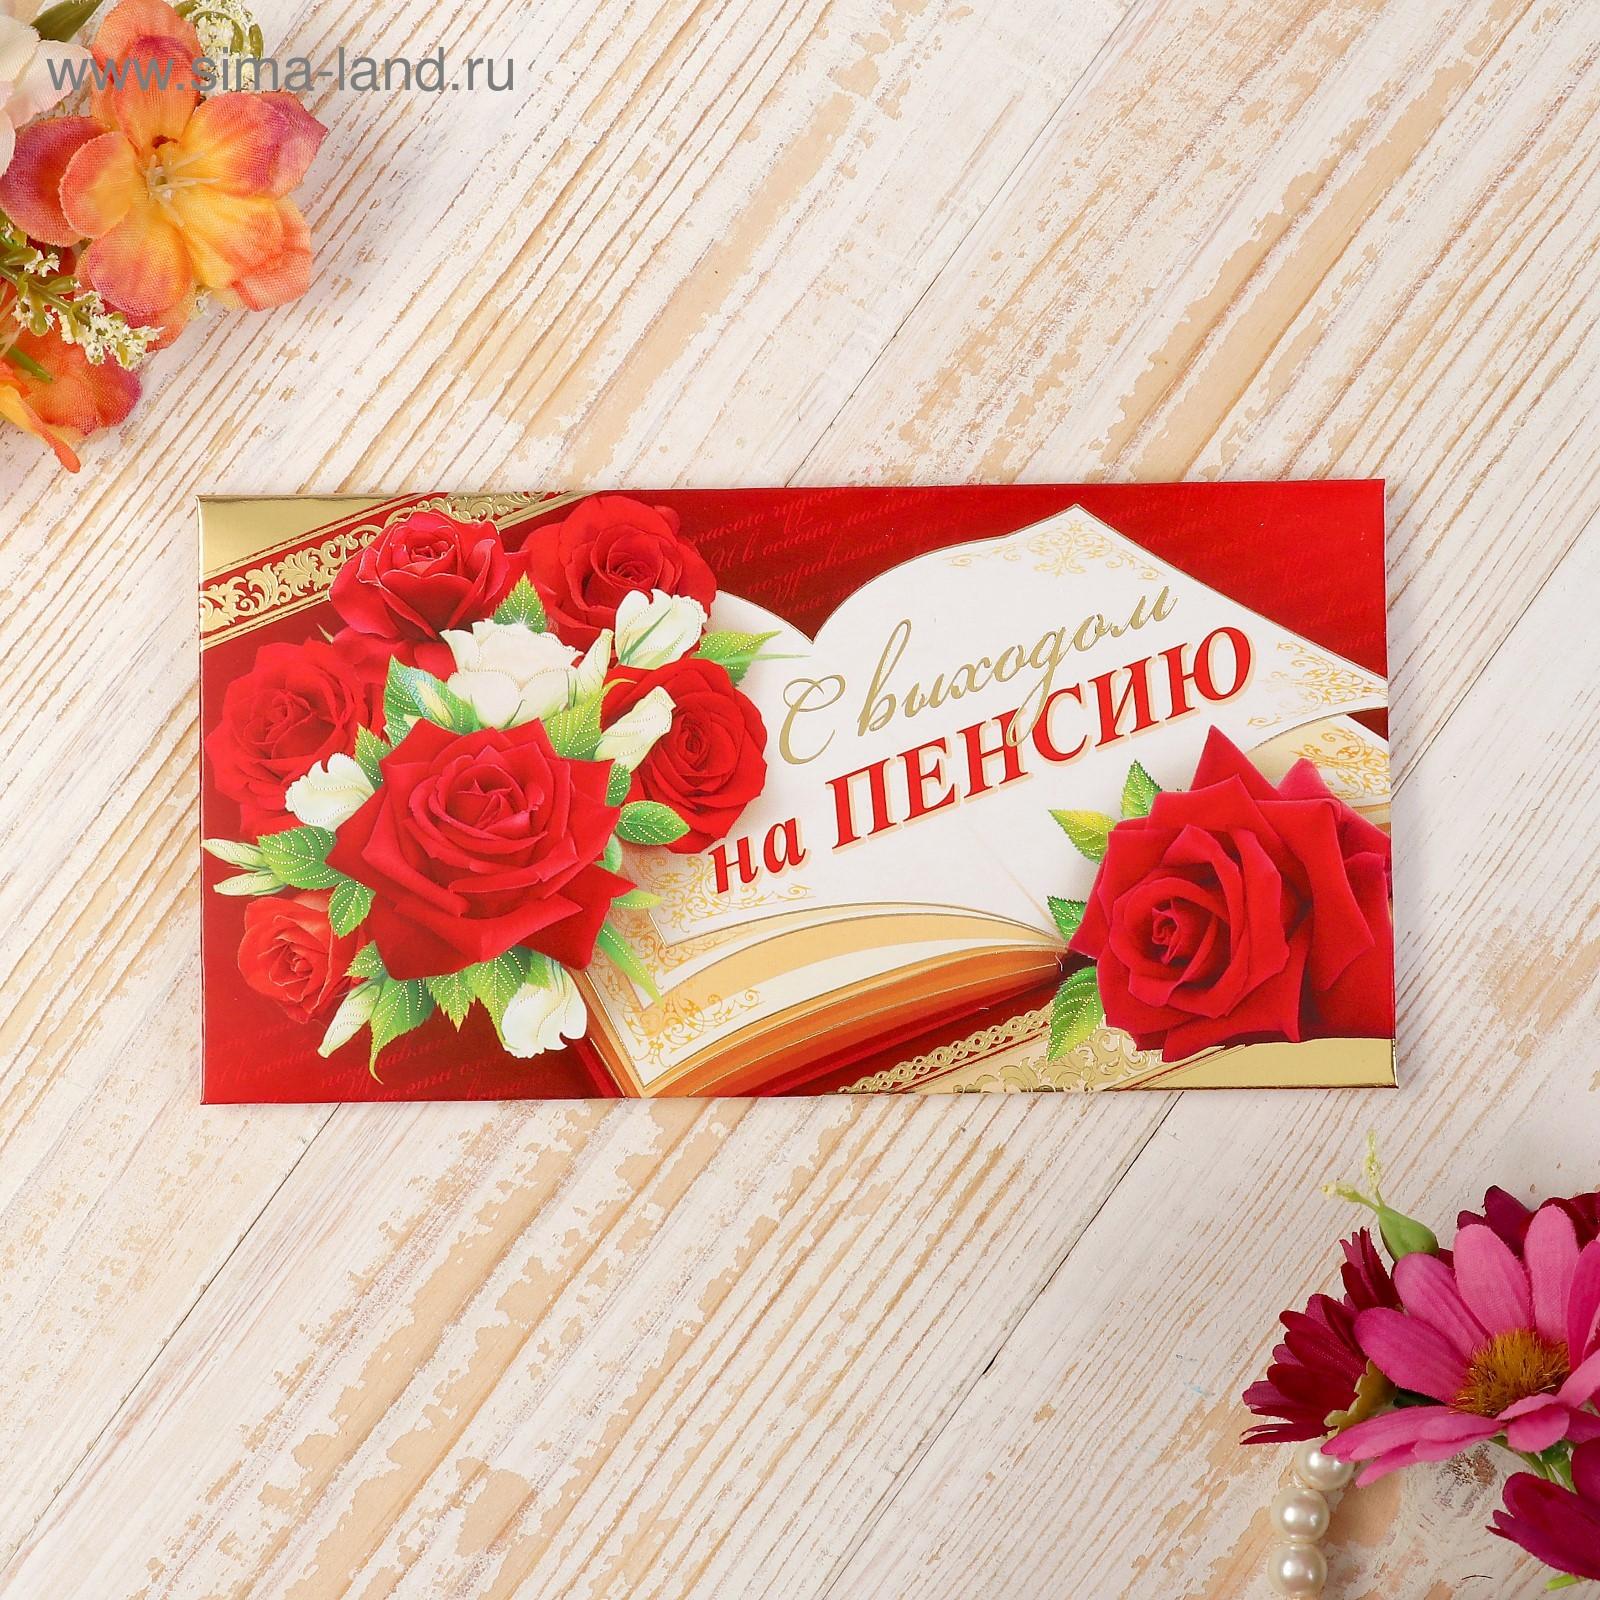 Красивые картинки цветов для друзей